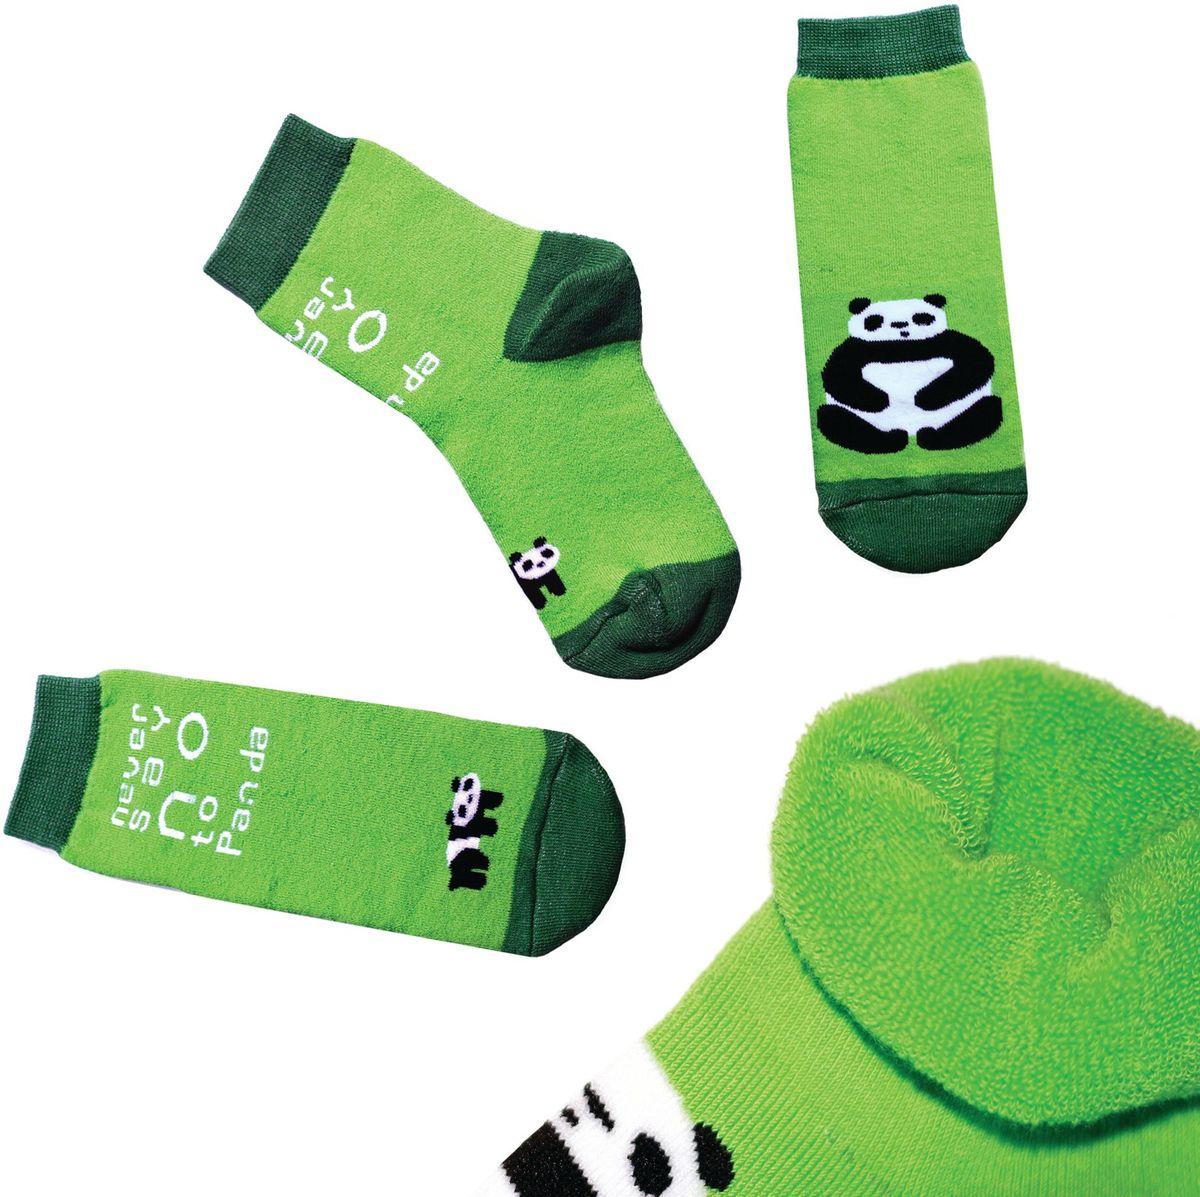 Носкиn113Яркие носки с несимметричным принтом панда и надписью never say no to panda (никогда не говори нет панде), махровые